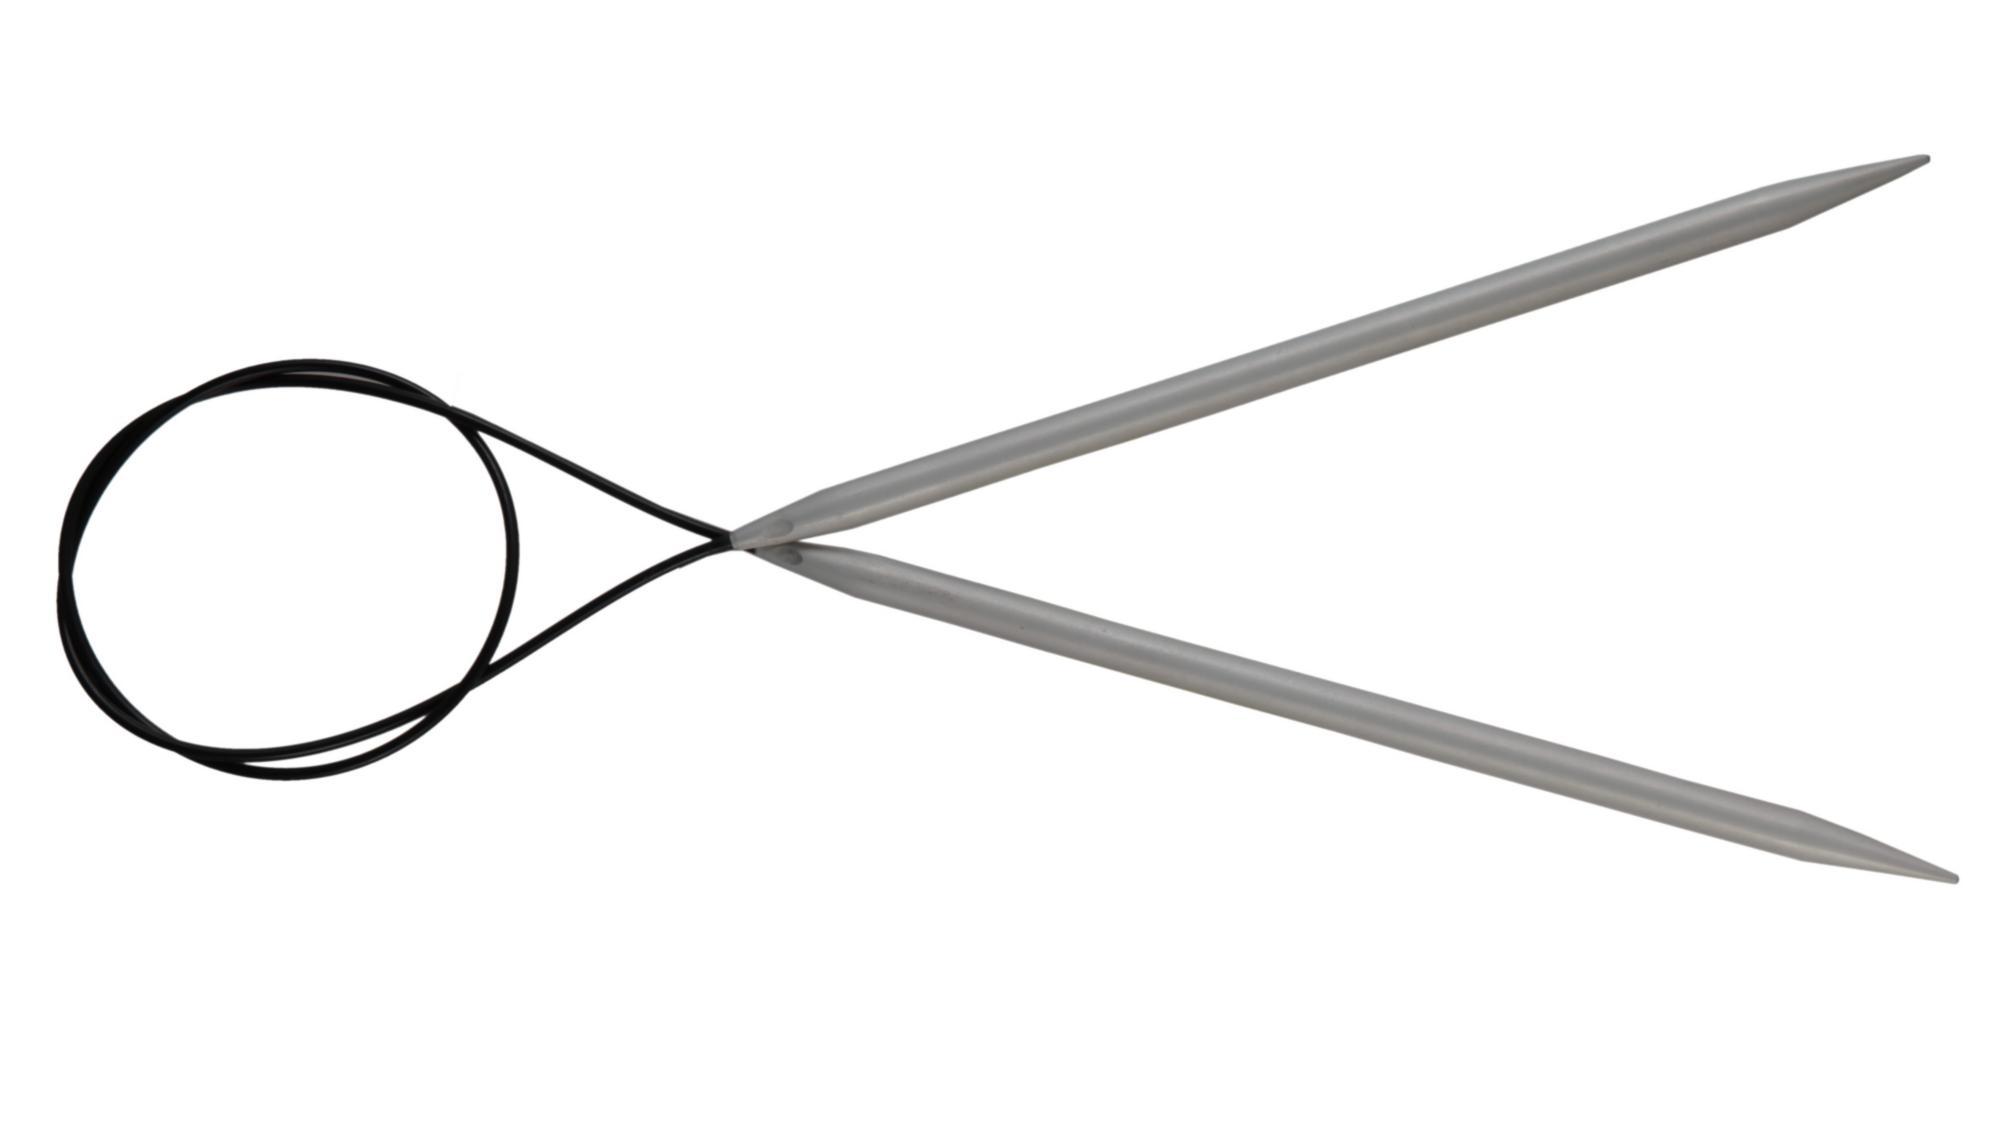 Спицы круговые 60 см Basix Aluminium KnitPro, 45324, 3.50 мм